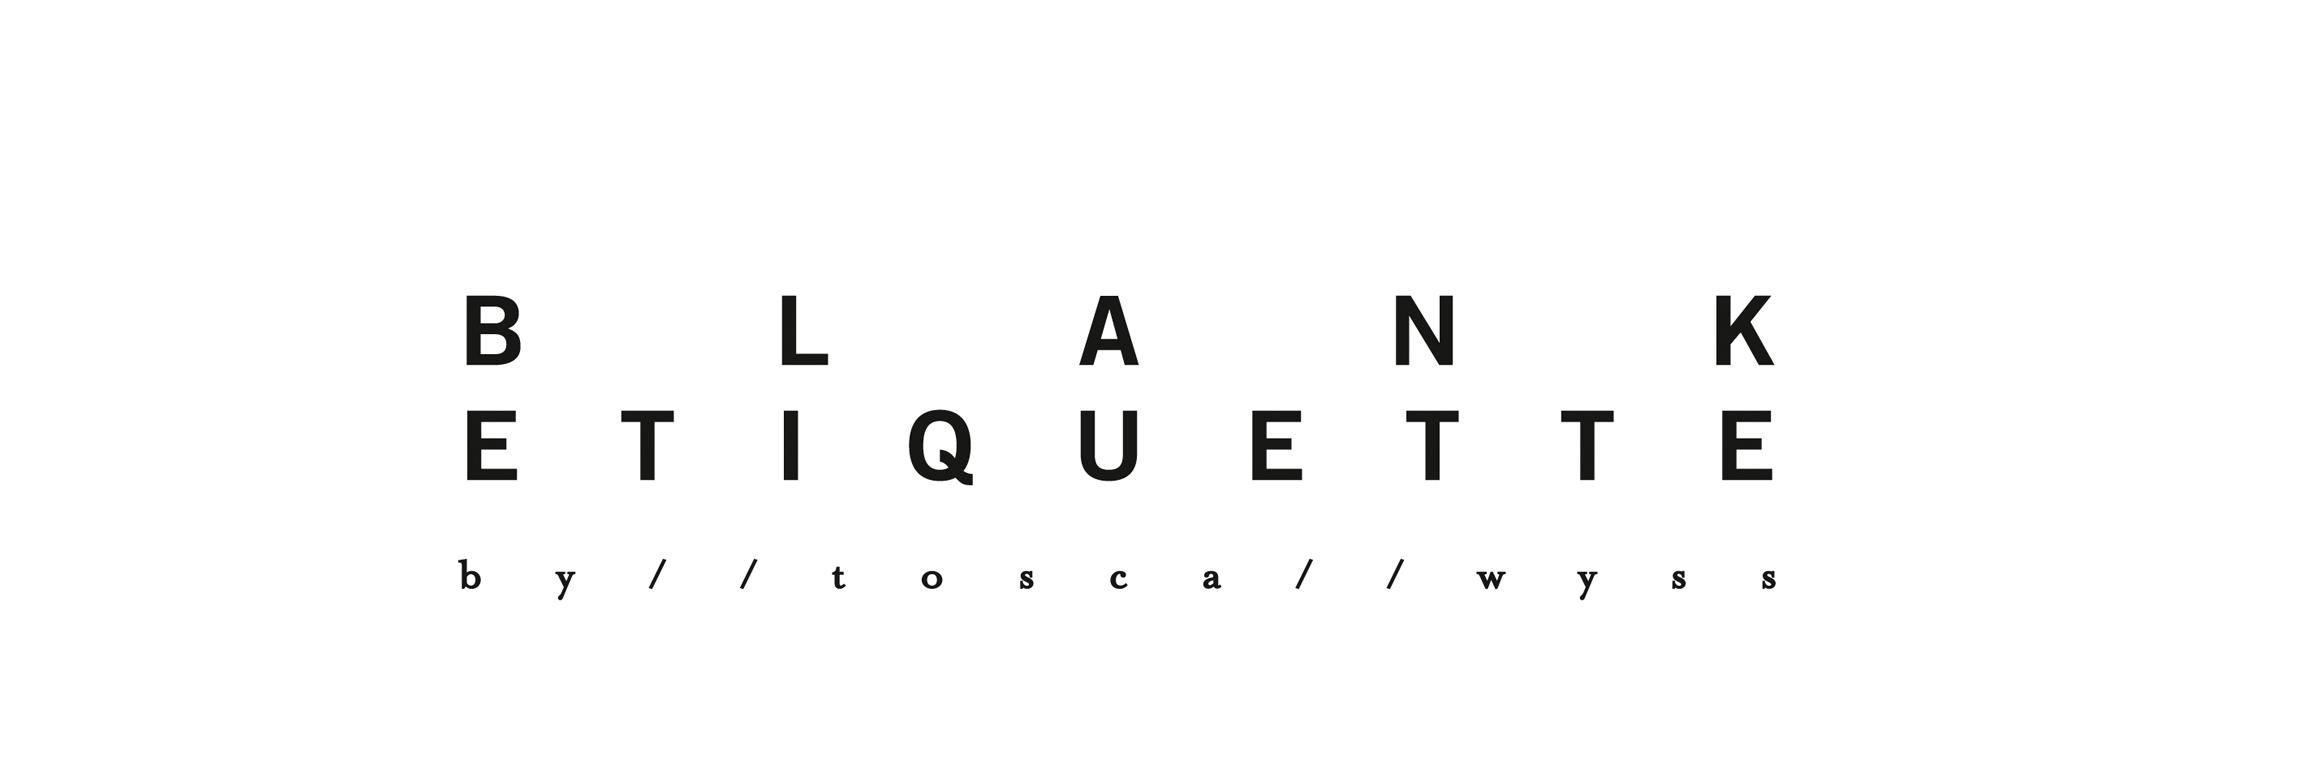 BLANK ETIQUETTE